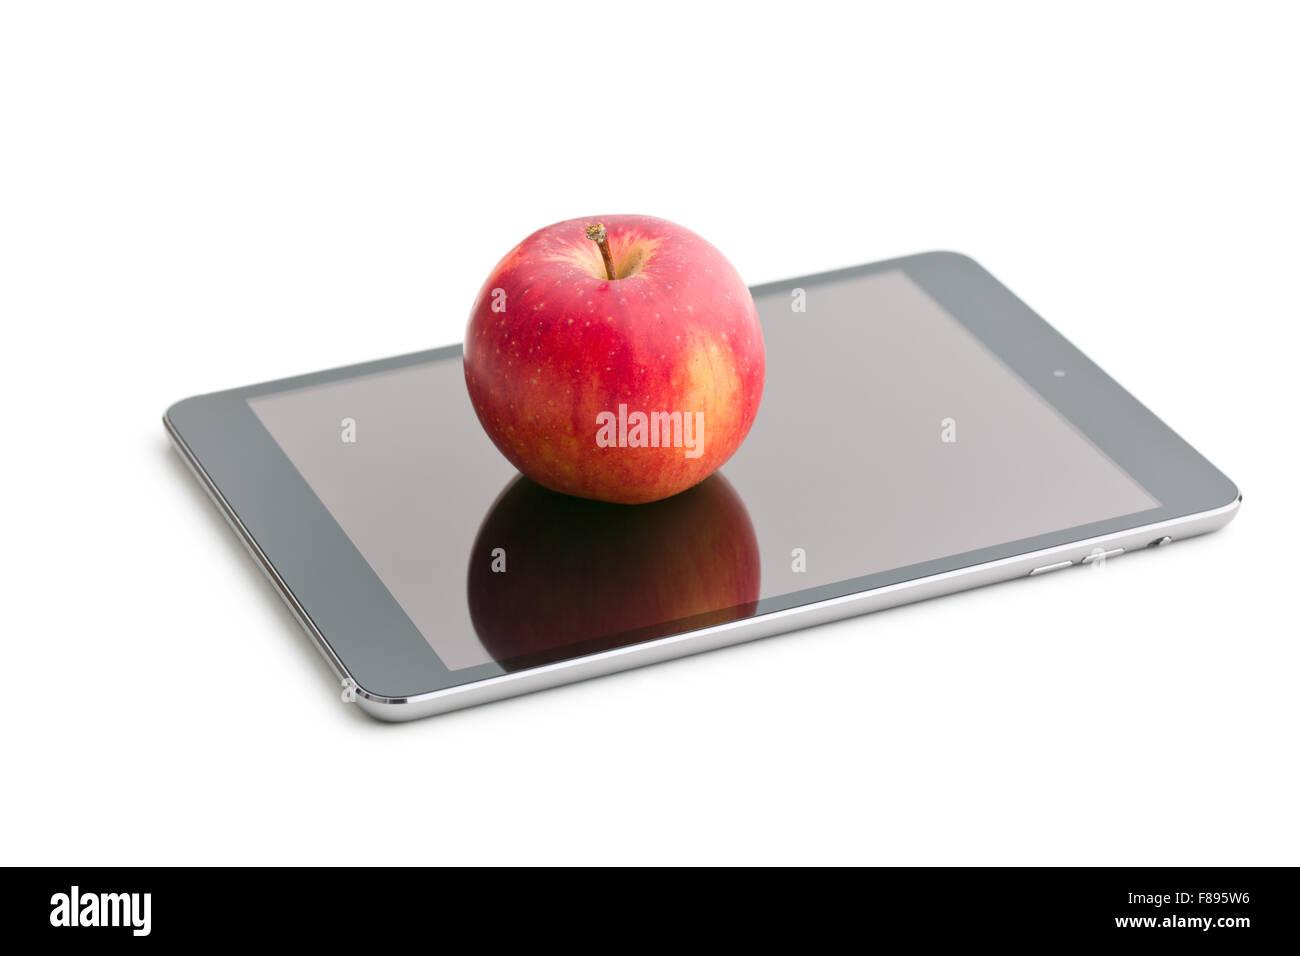 Rosso E Apple Computer Tablet Su Sfondo Bianco Foto Immagine Stock